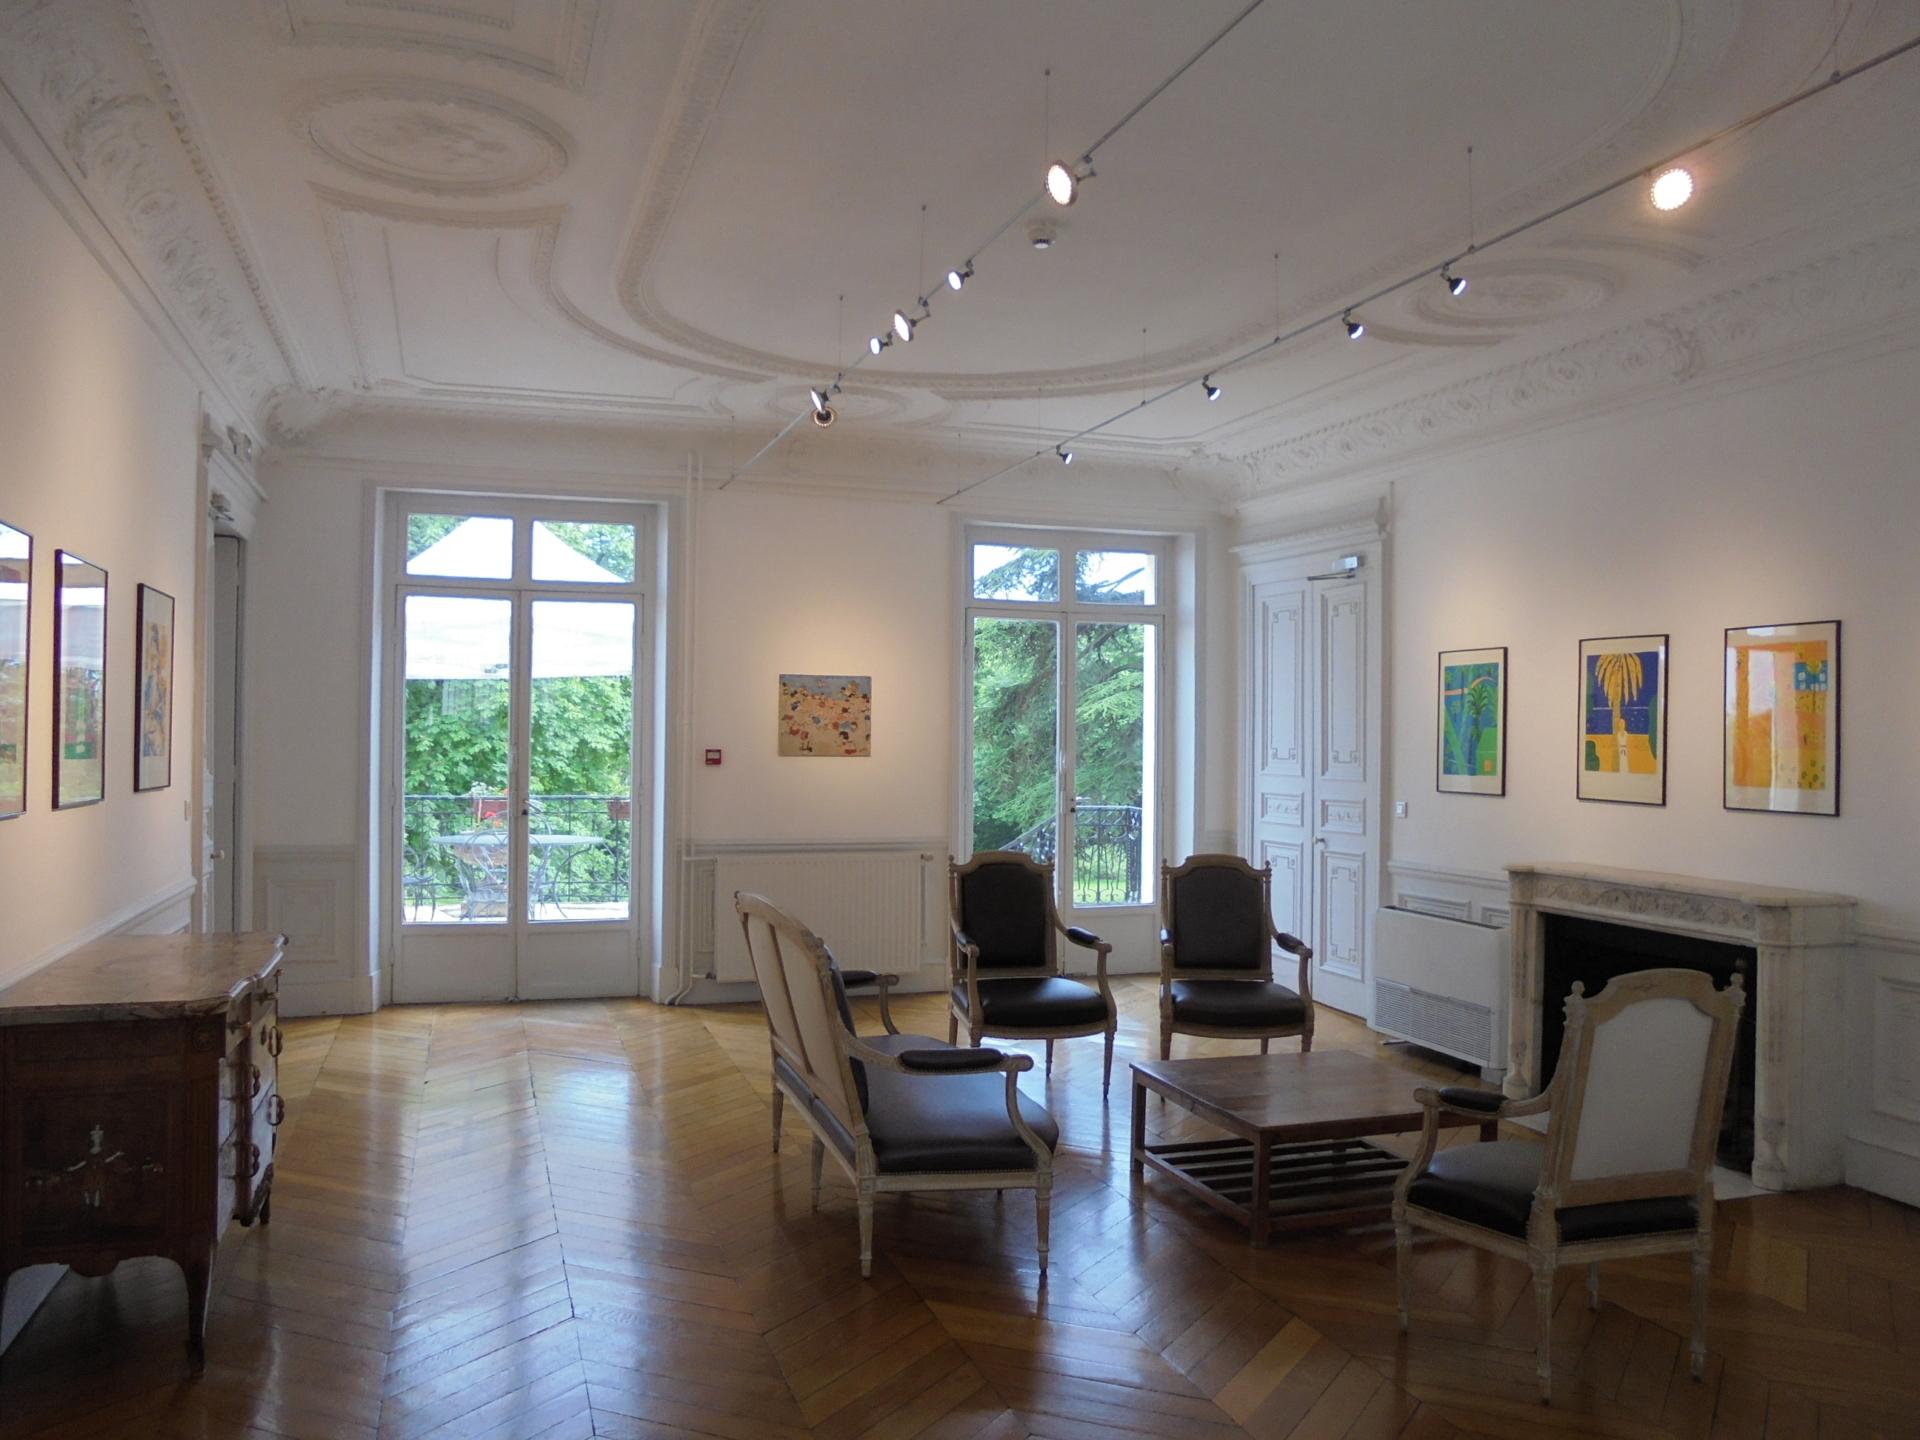 Vues de l'exposition, Un américain à Paris (3)